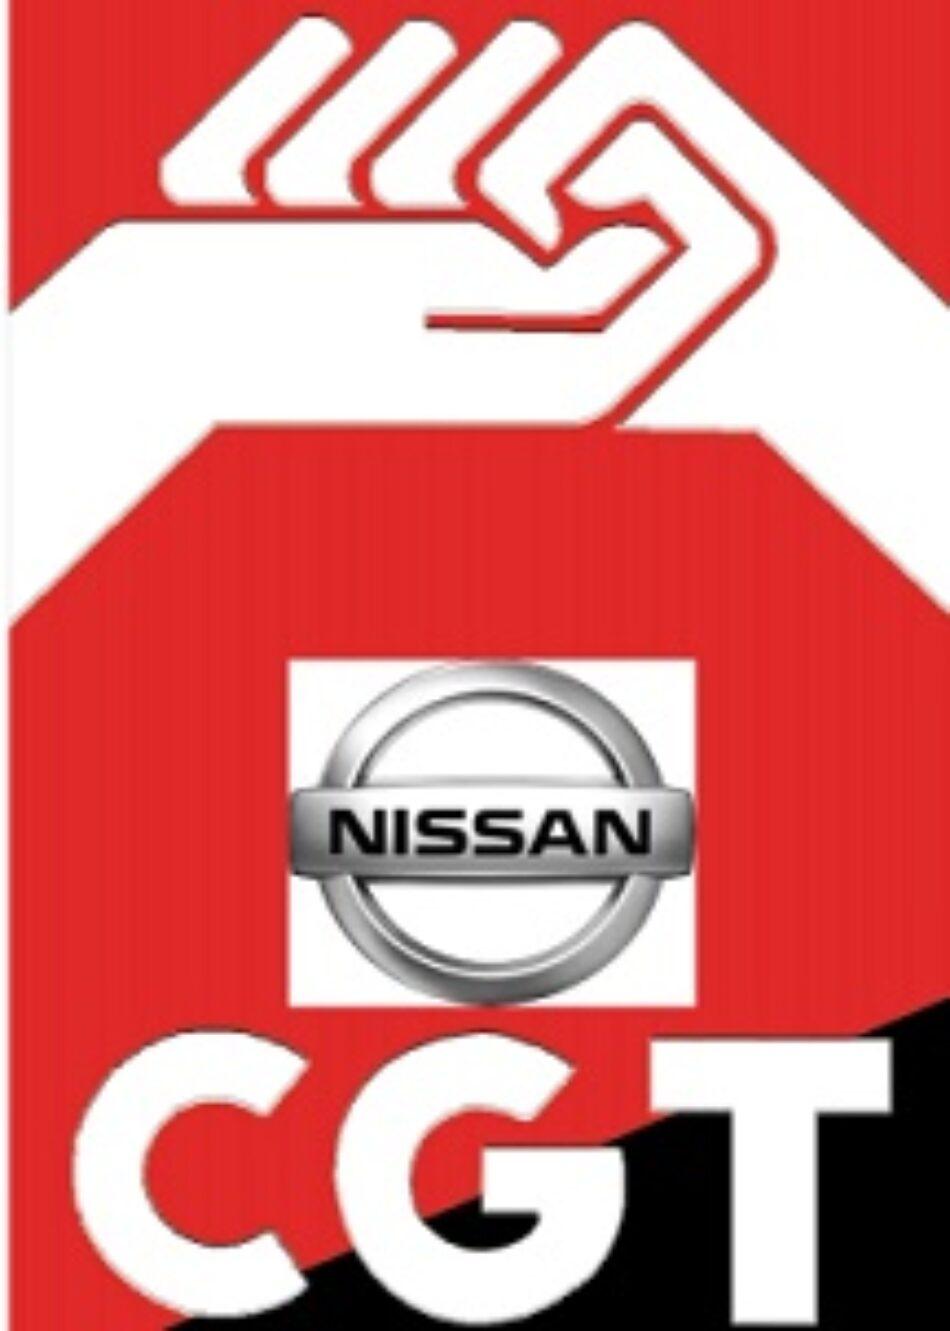 Los comites de Nissan reclaman cunplir los compromisos industriales